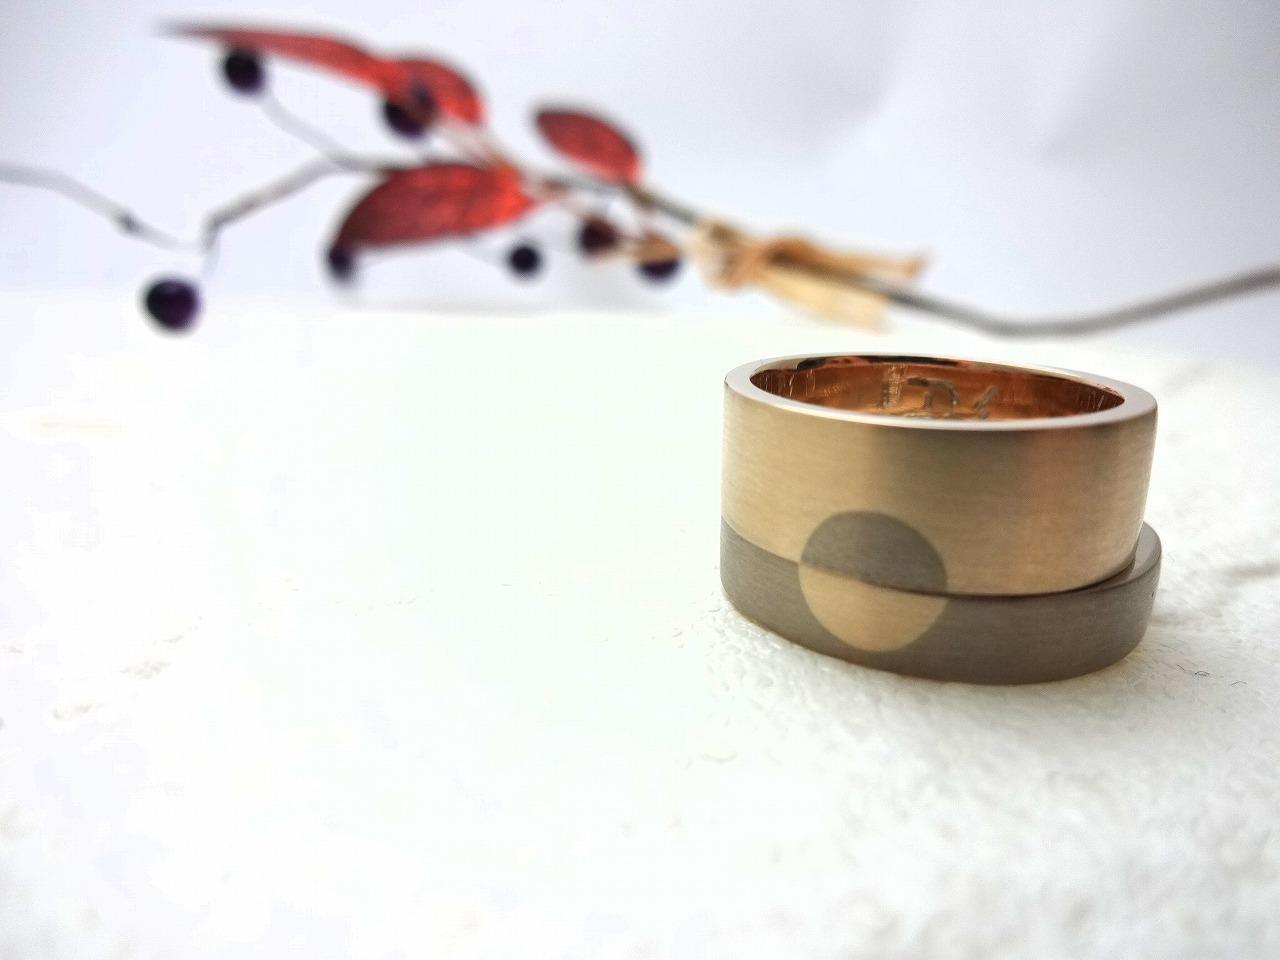 2人の料理人による指輪のデザイン